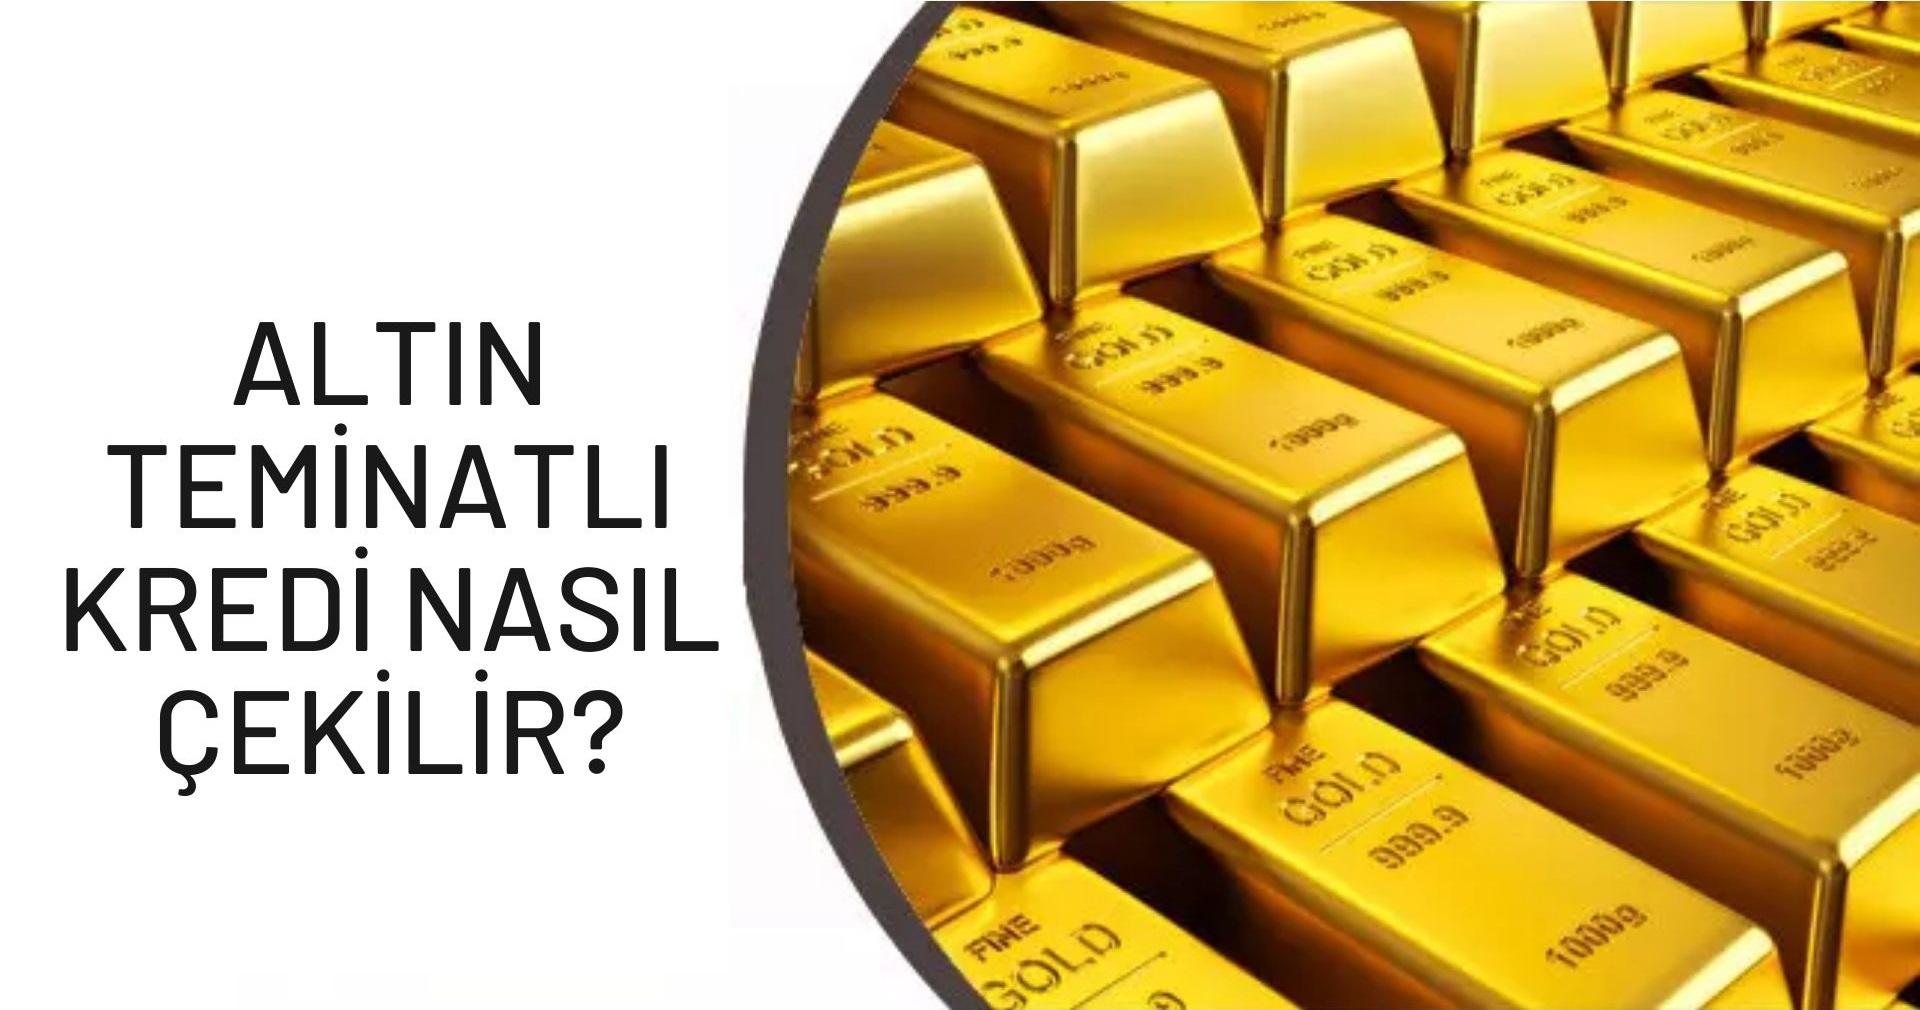 Altın Teminatlı Kredi Nasıl Çekilir? 1